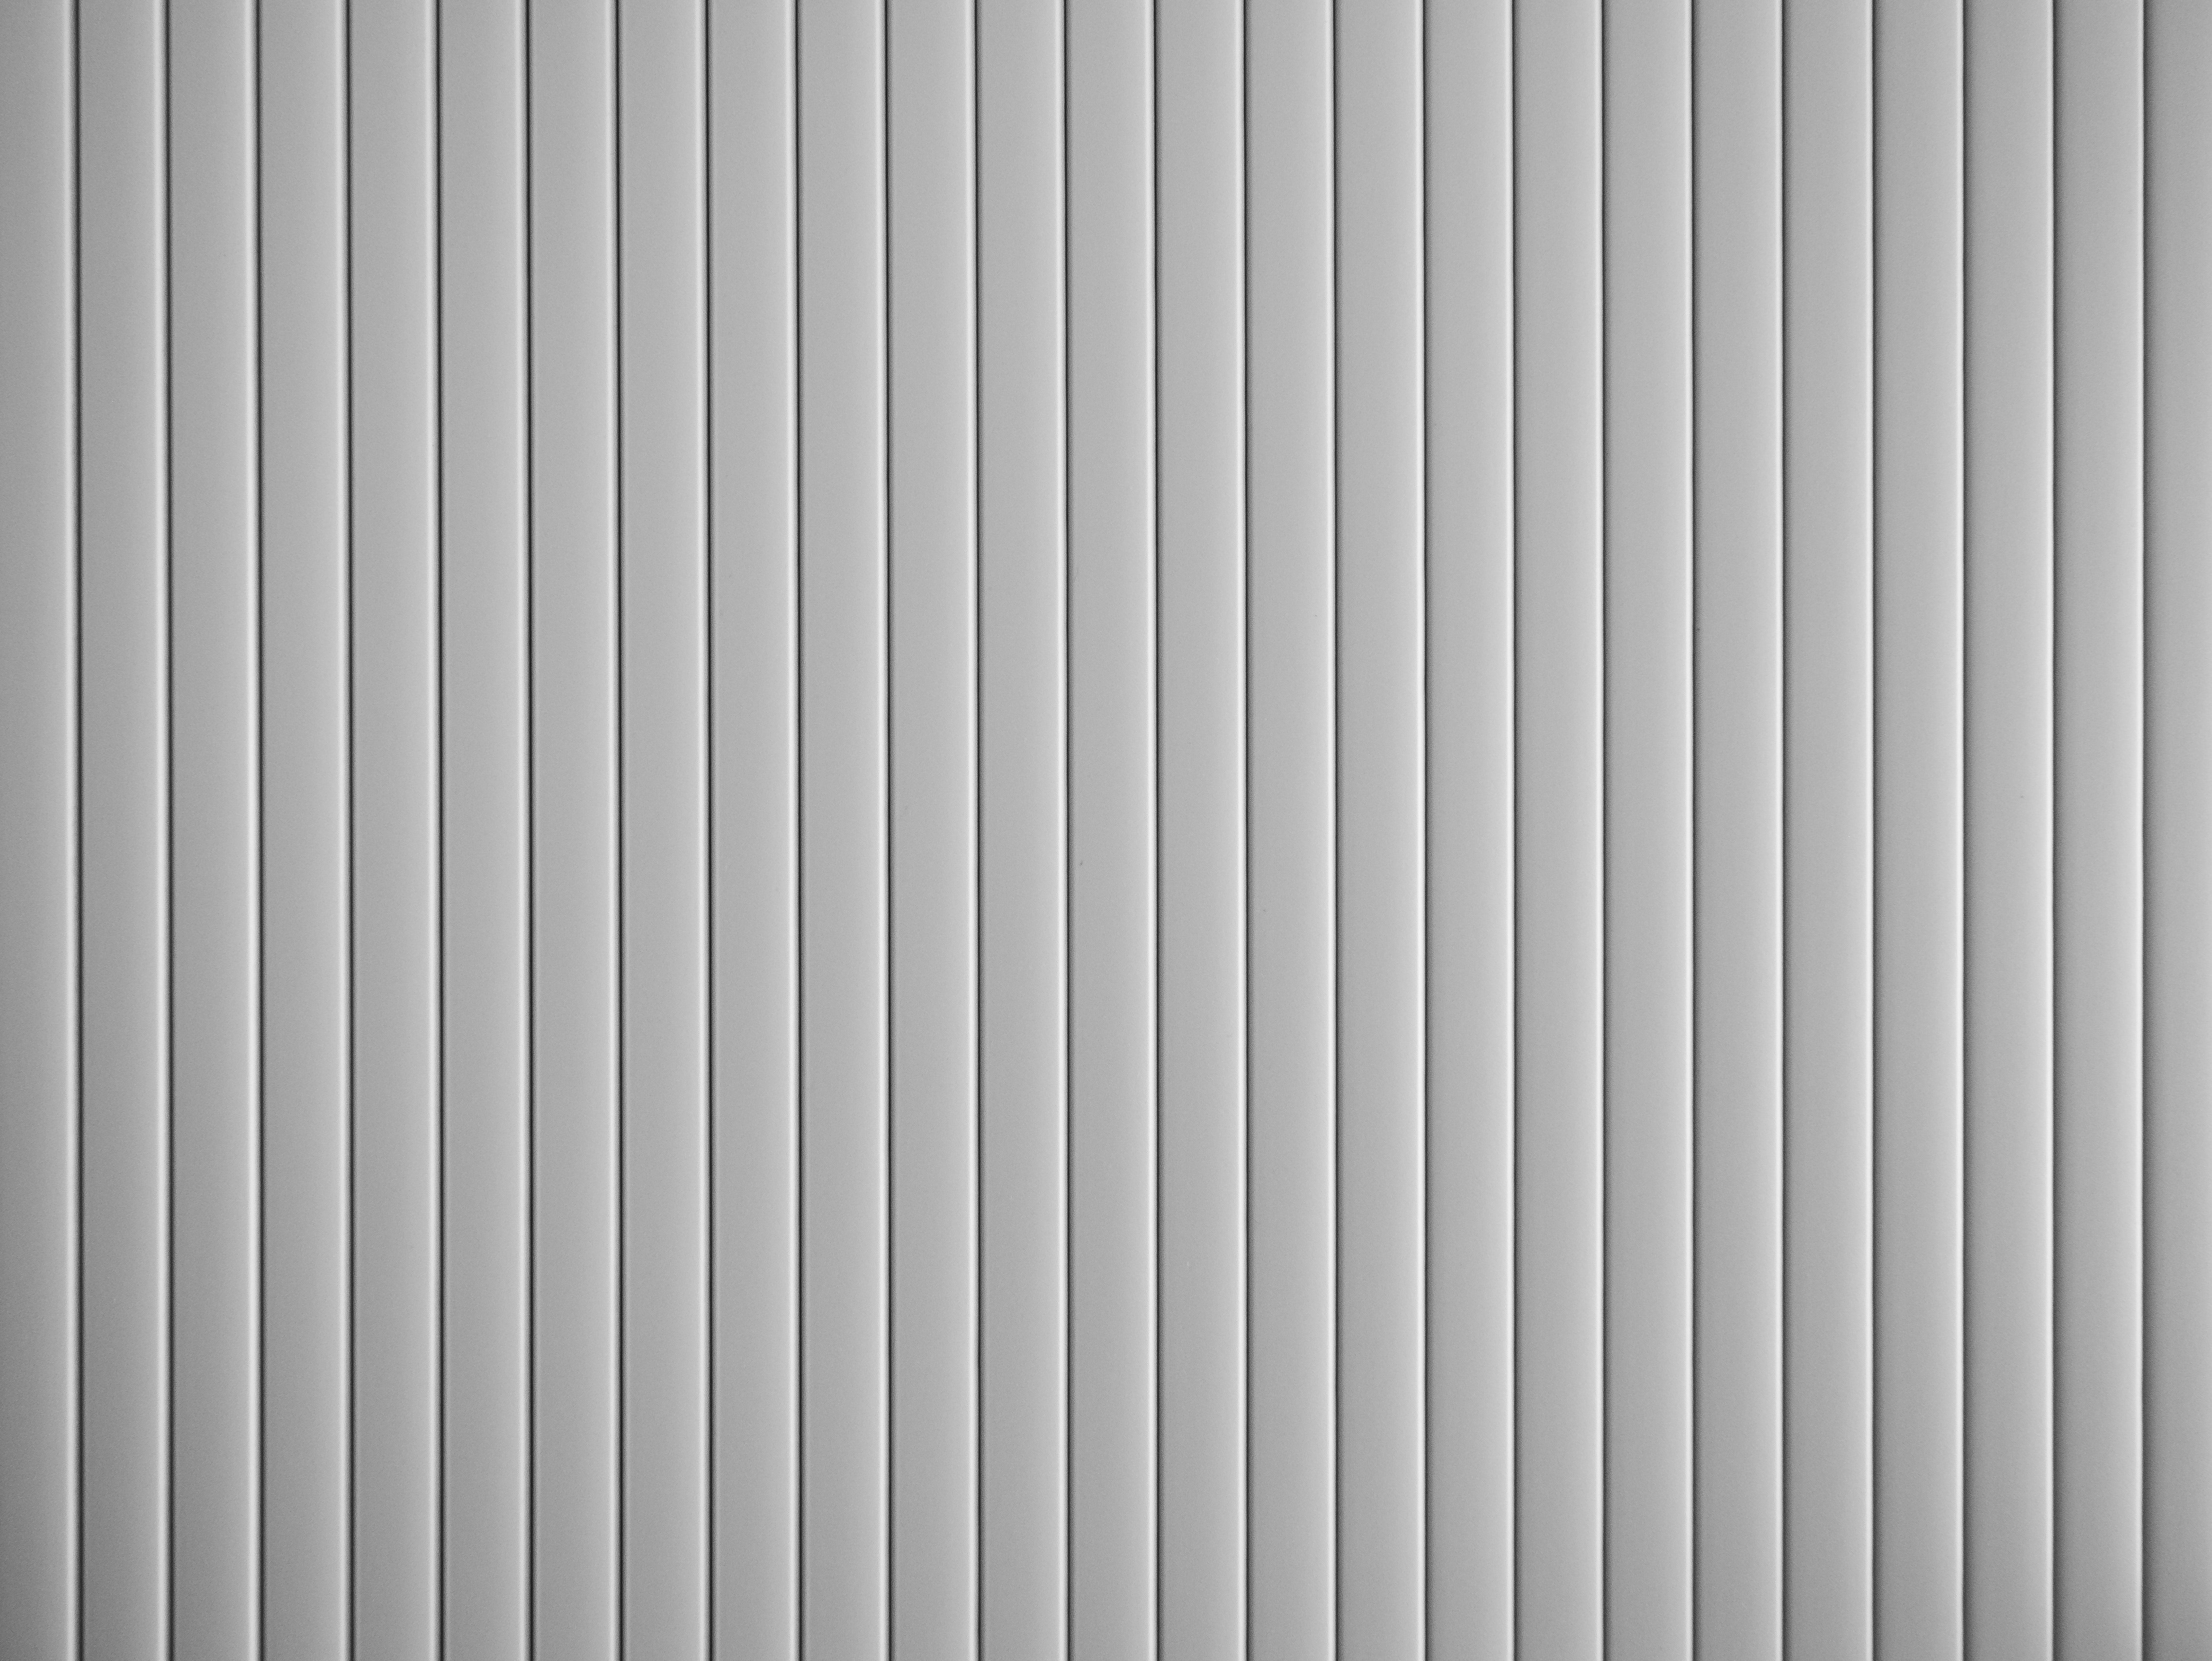 Aluminum close-up